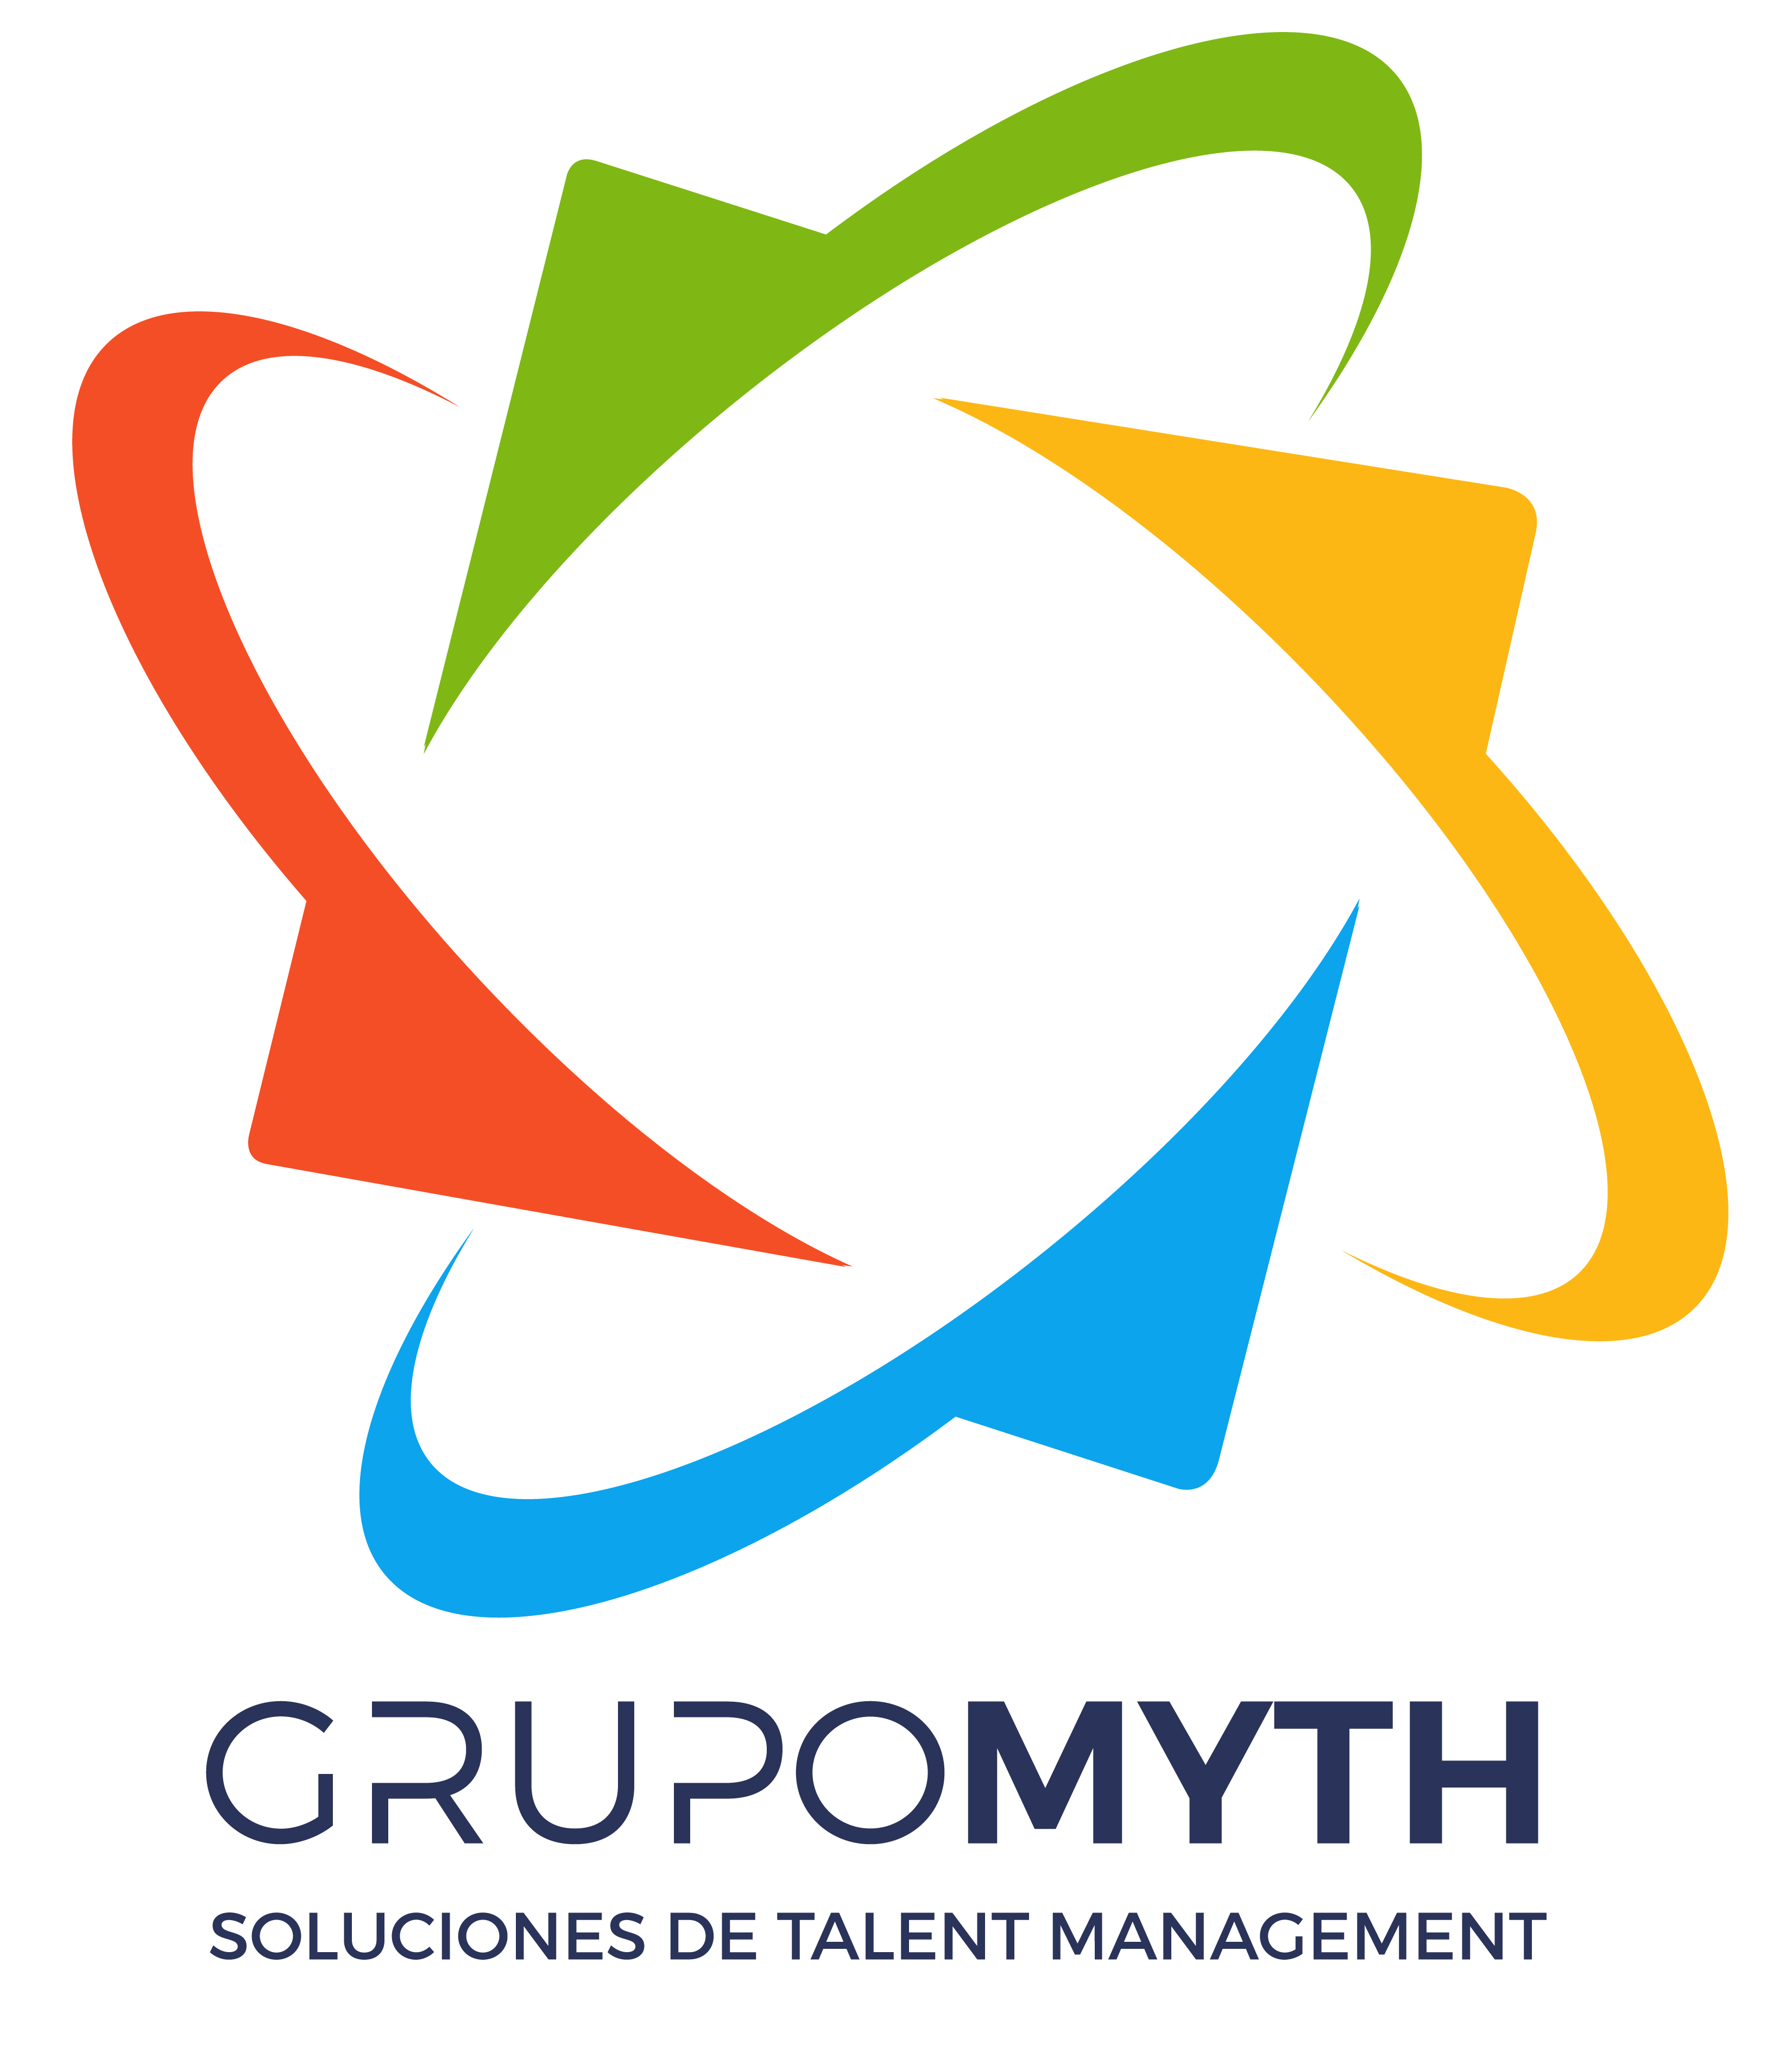 grupomyth